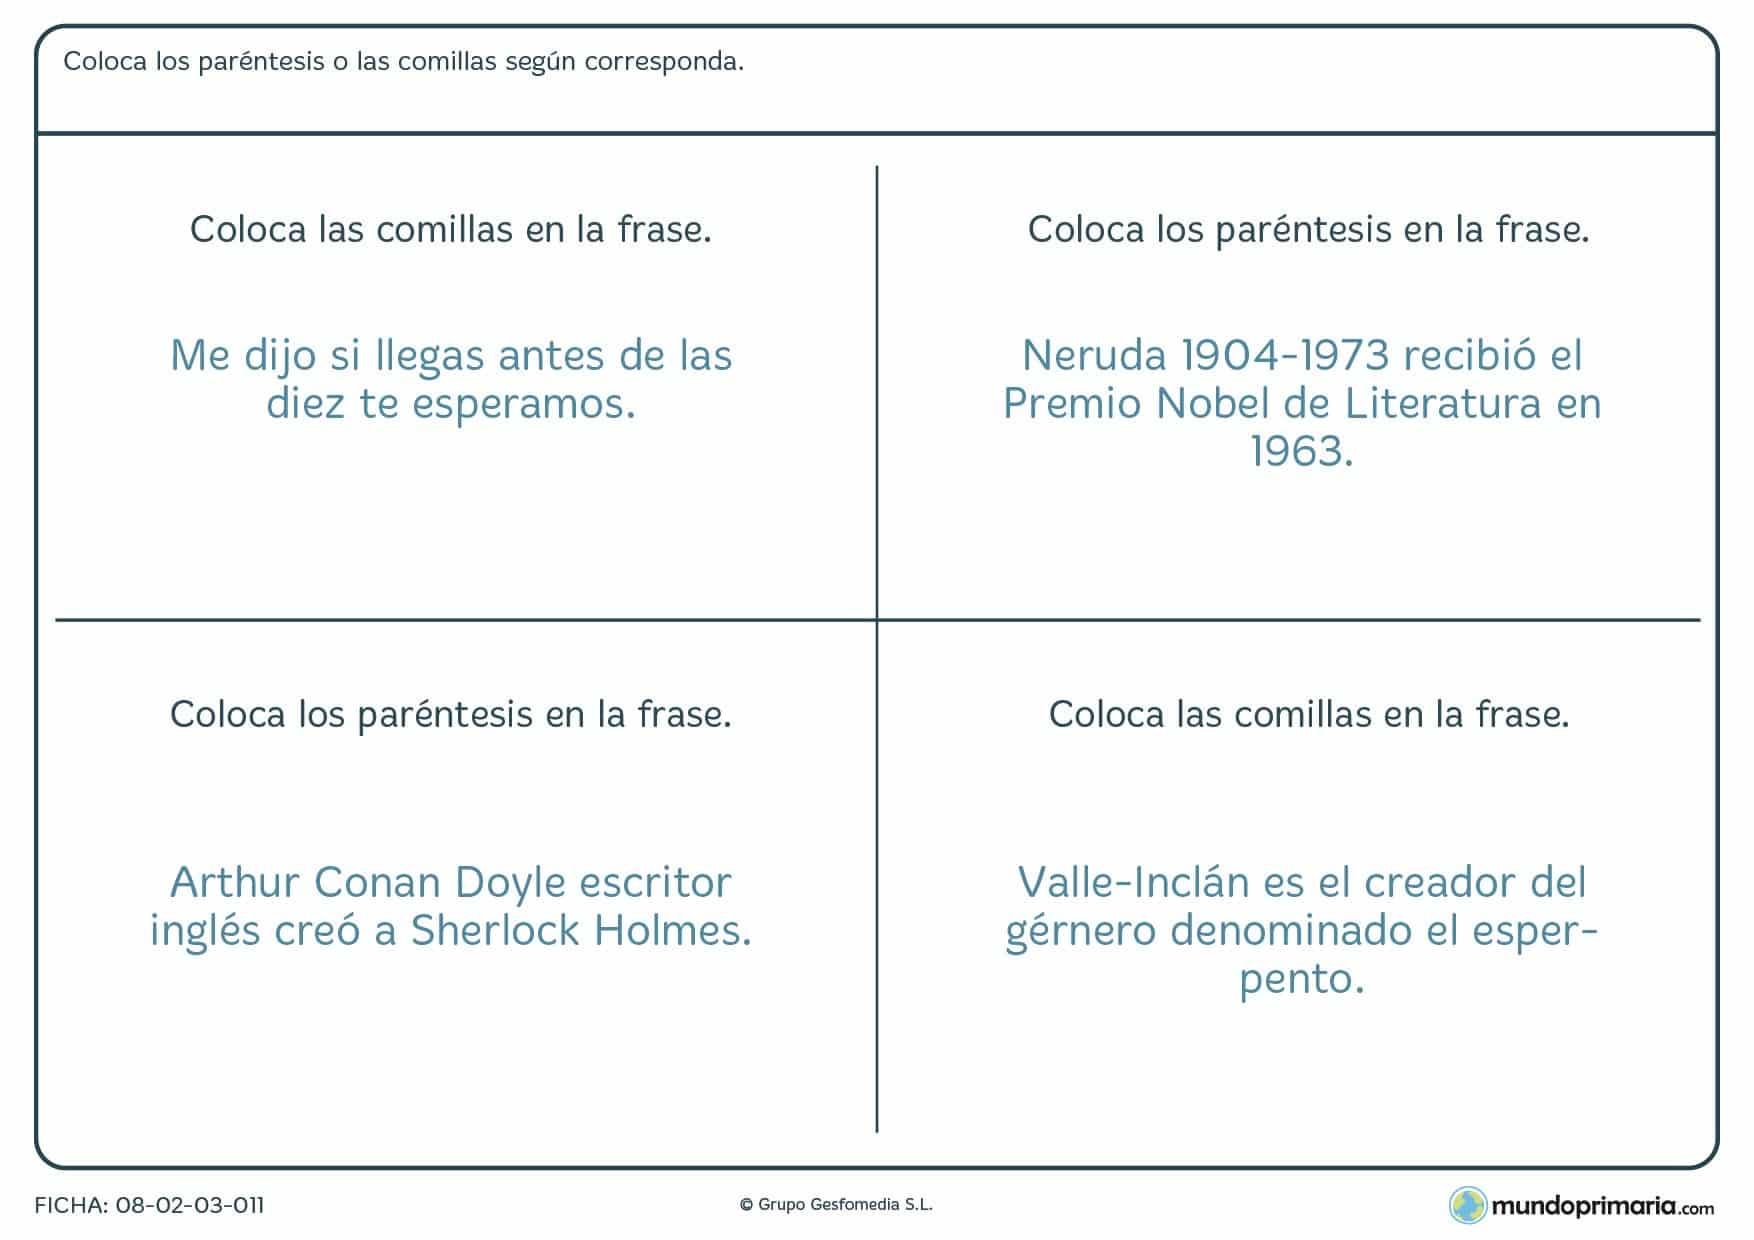 Ficha de situar comillas en refranes para alumnos de 6º de Primaria